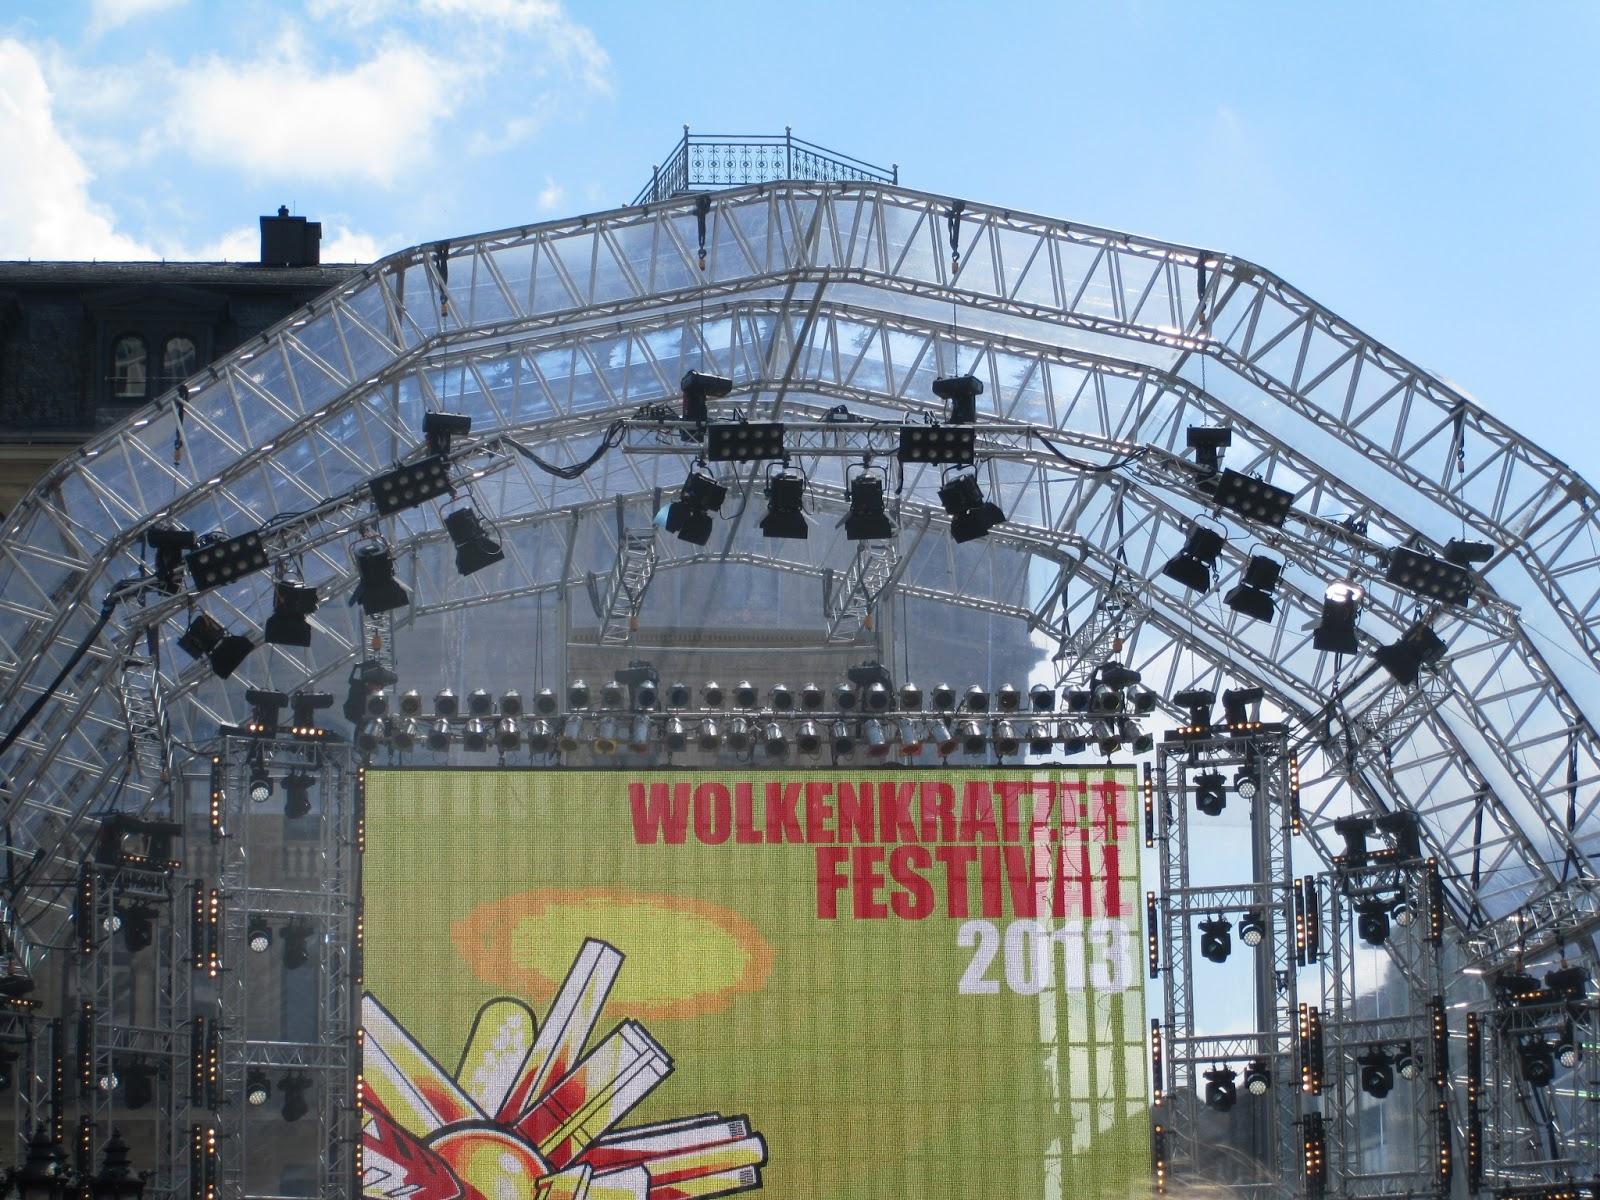 Wolkenkratzer Festival 2013